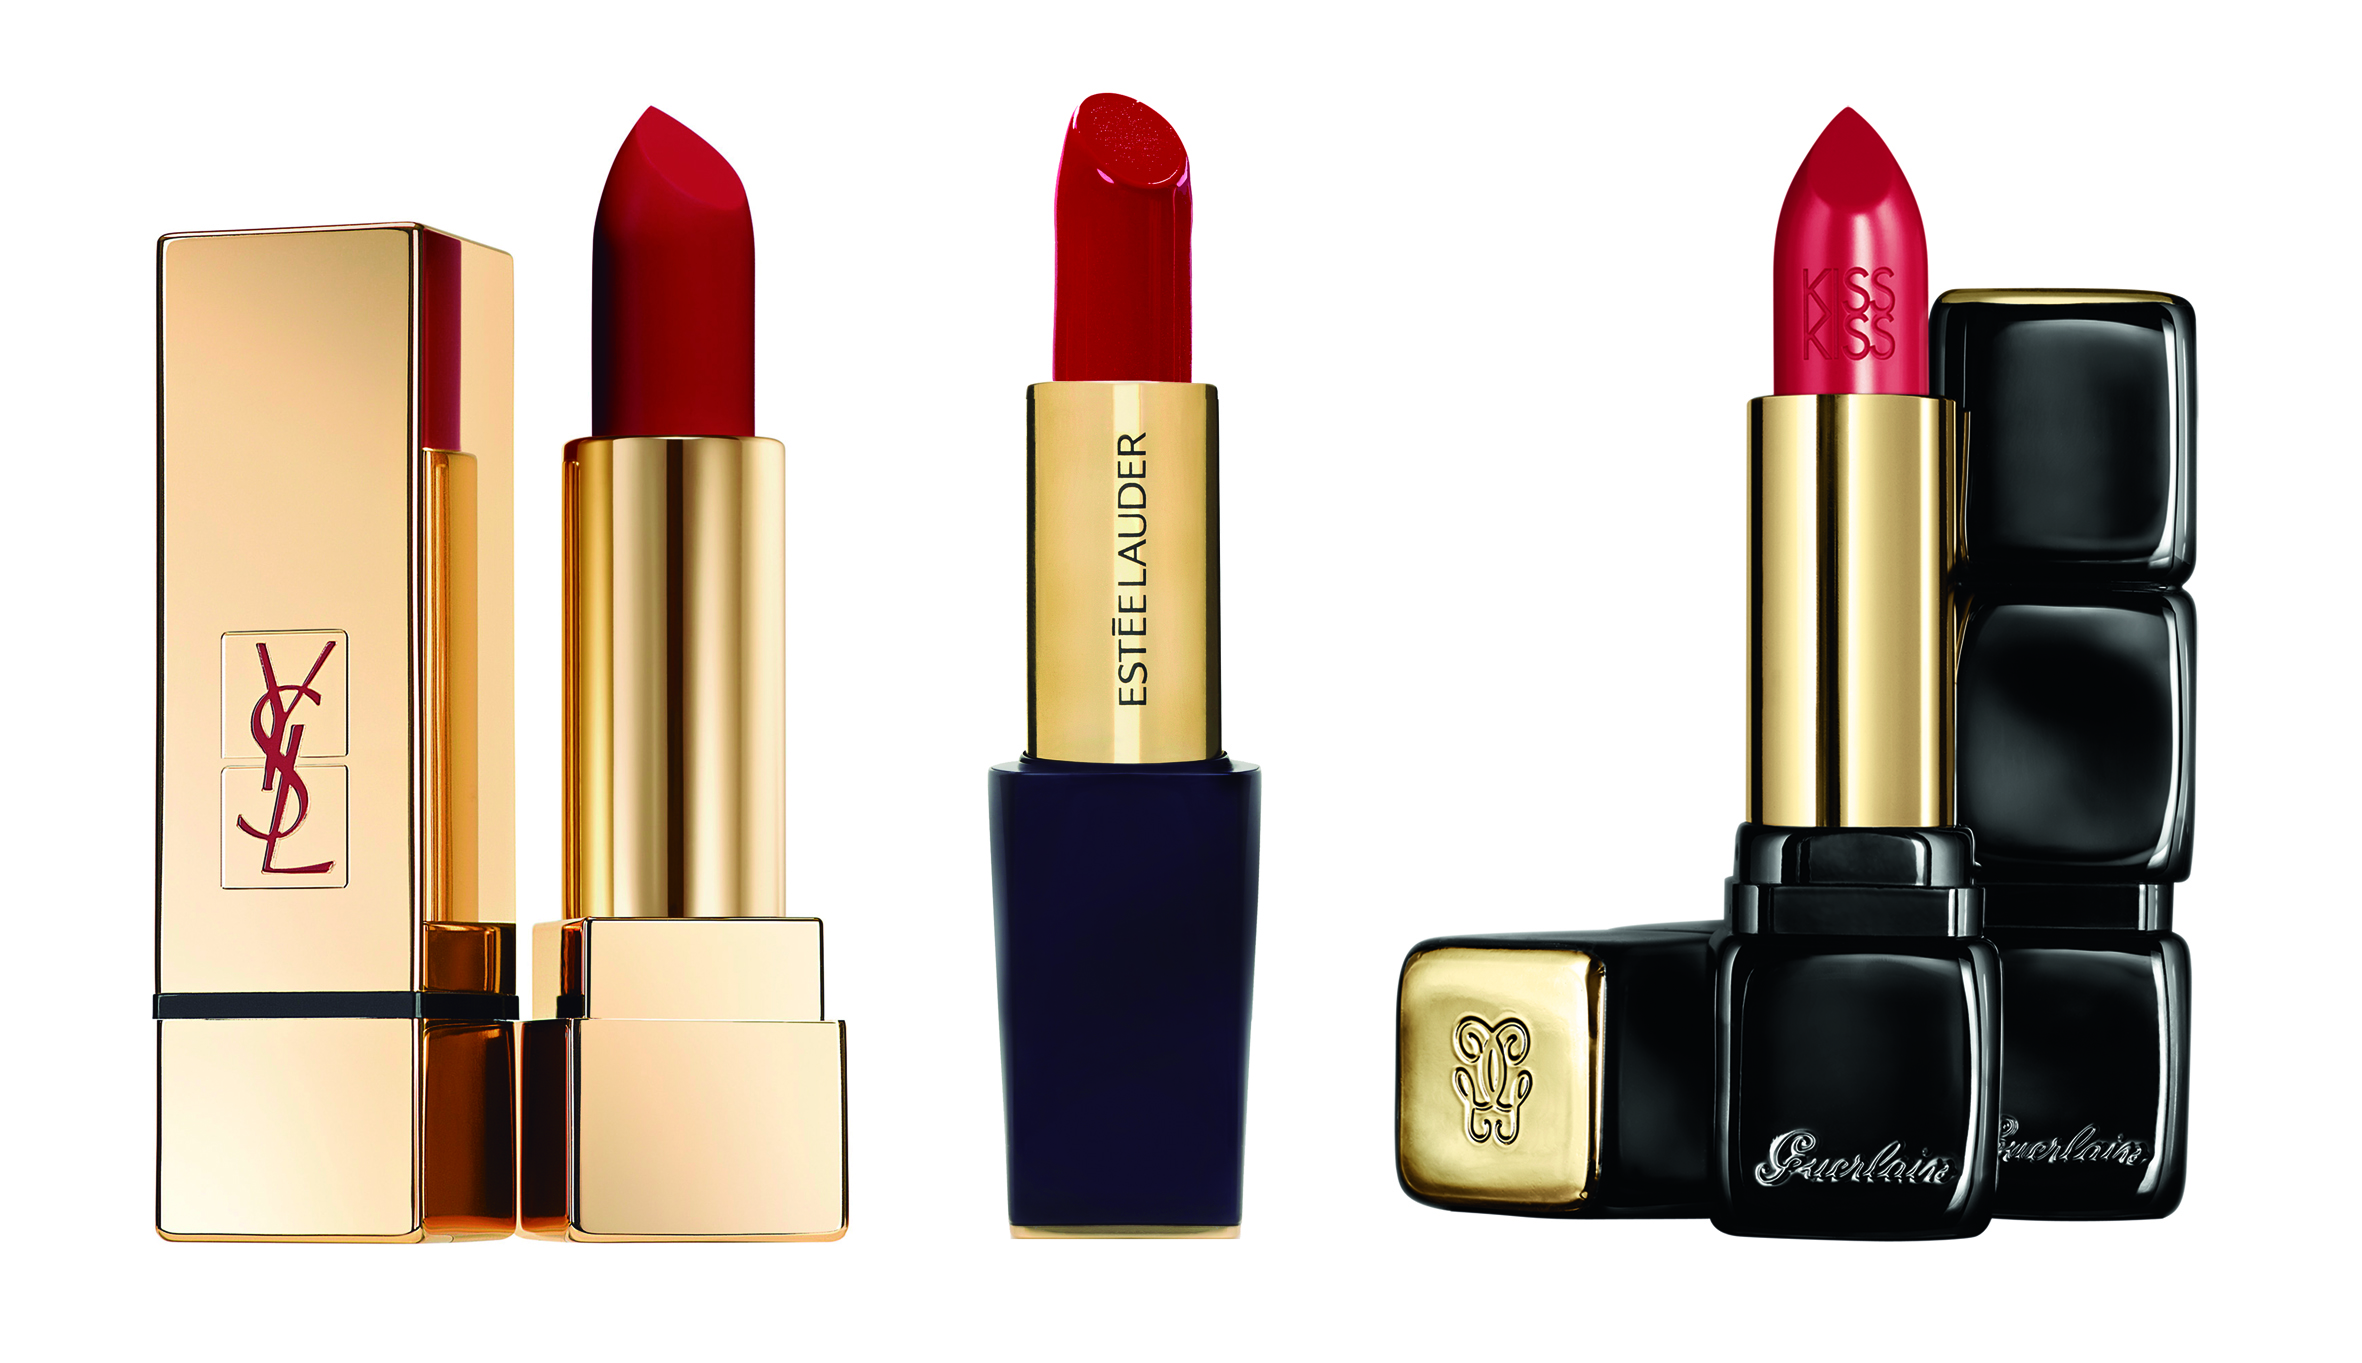 rojos de labios: YSL, Estée Lauder, Guerlain